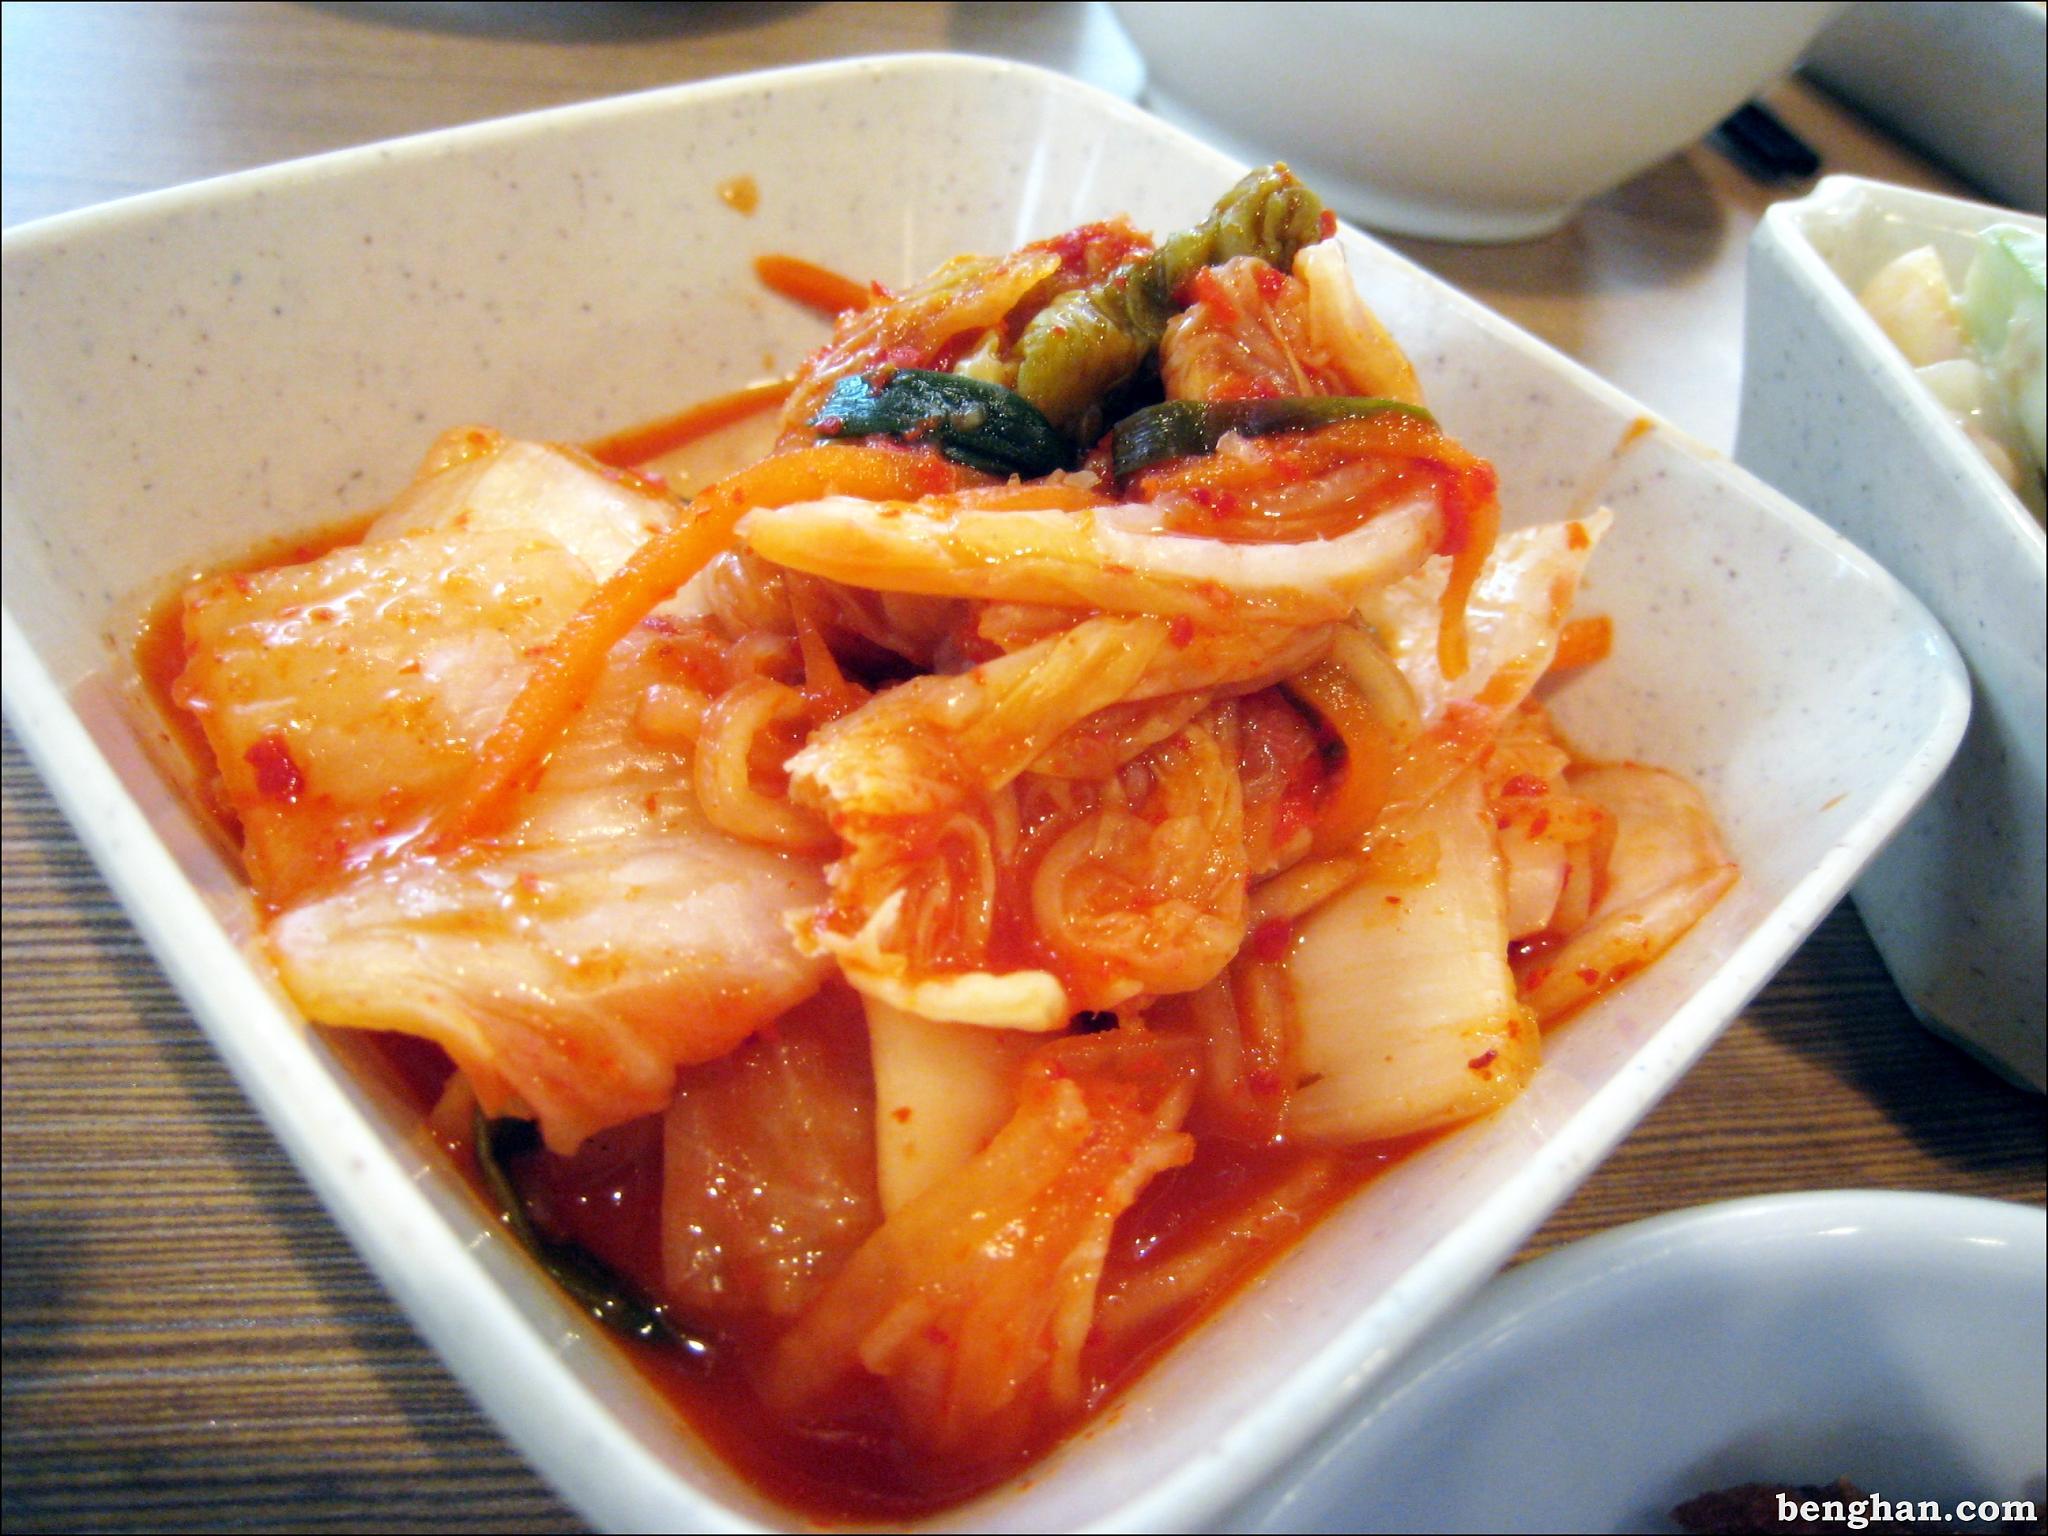 kimchi description